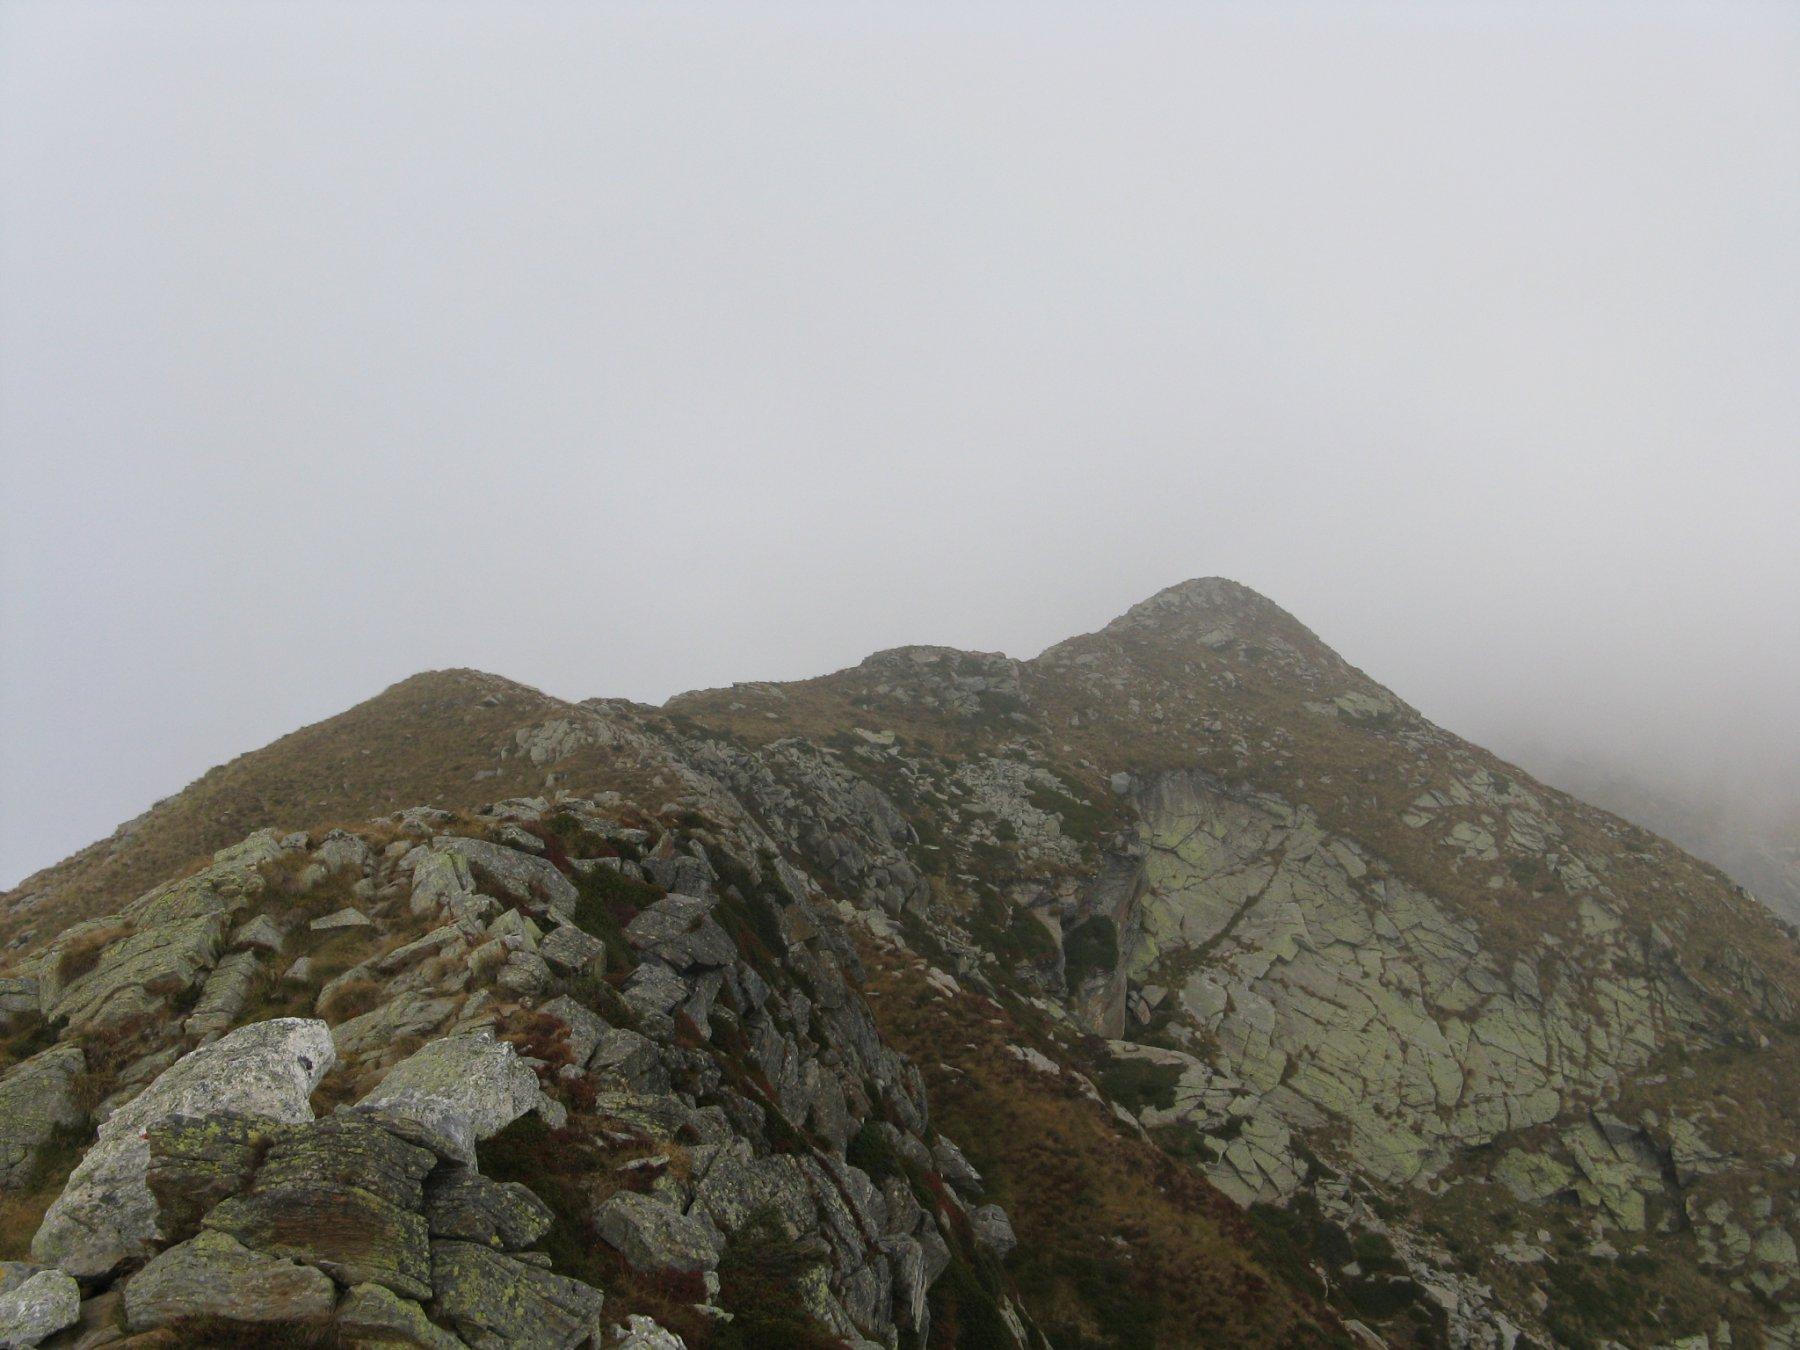 la punta Nord con la cresta di collegamento